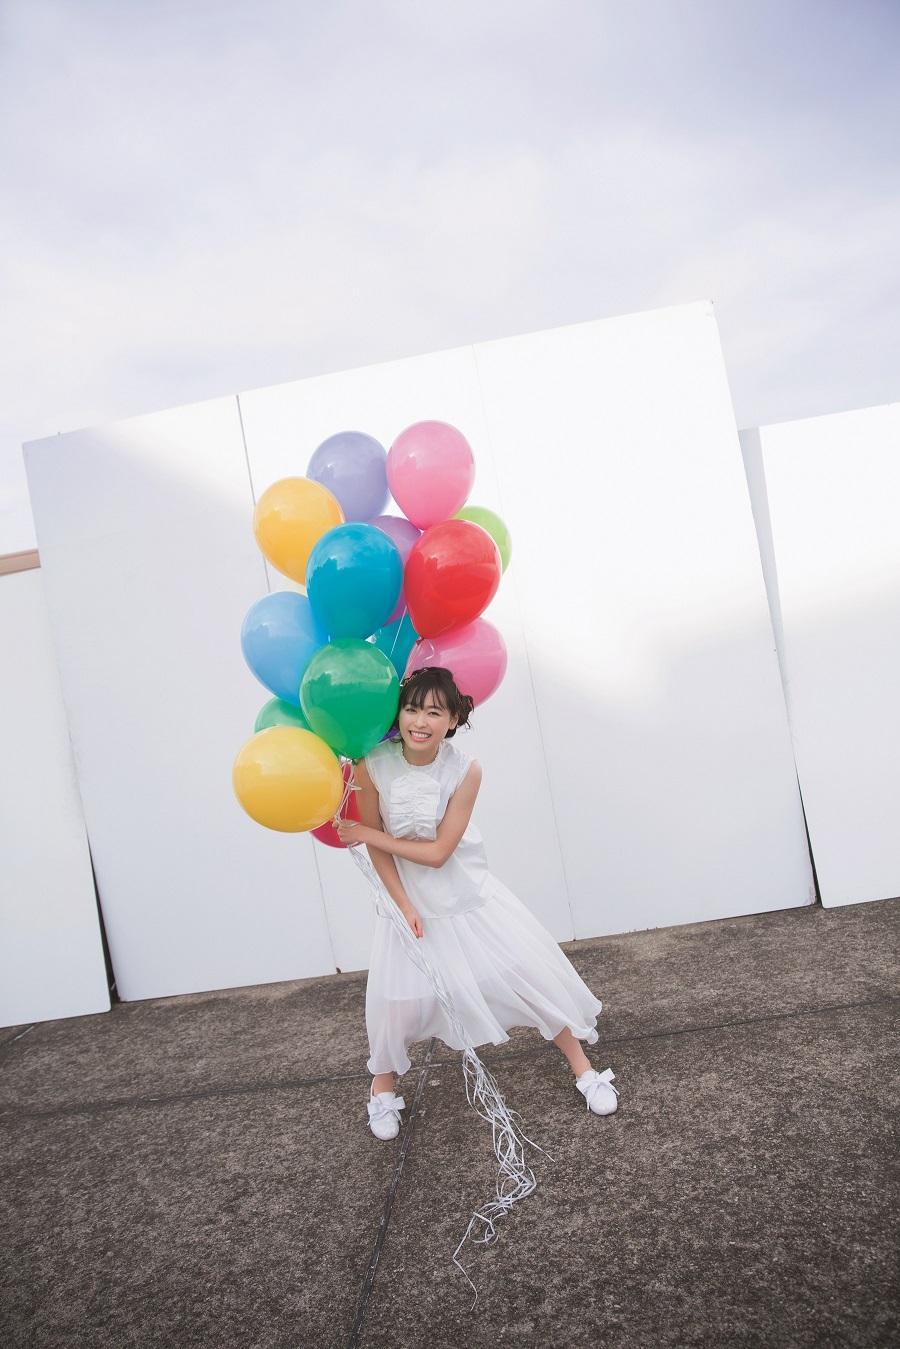 写真は、白色の衣装を着て風船を持つ福原さん(撮影は佐藤佑一さん)(提供:東京ニュース通信社)